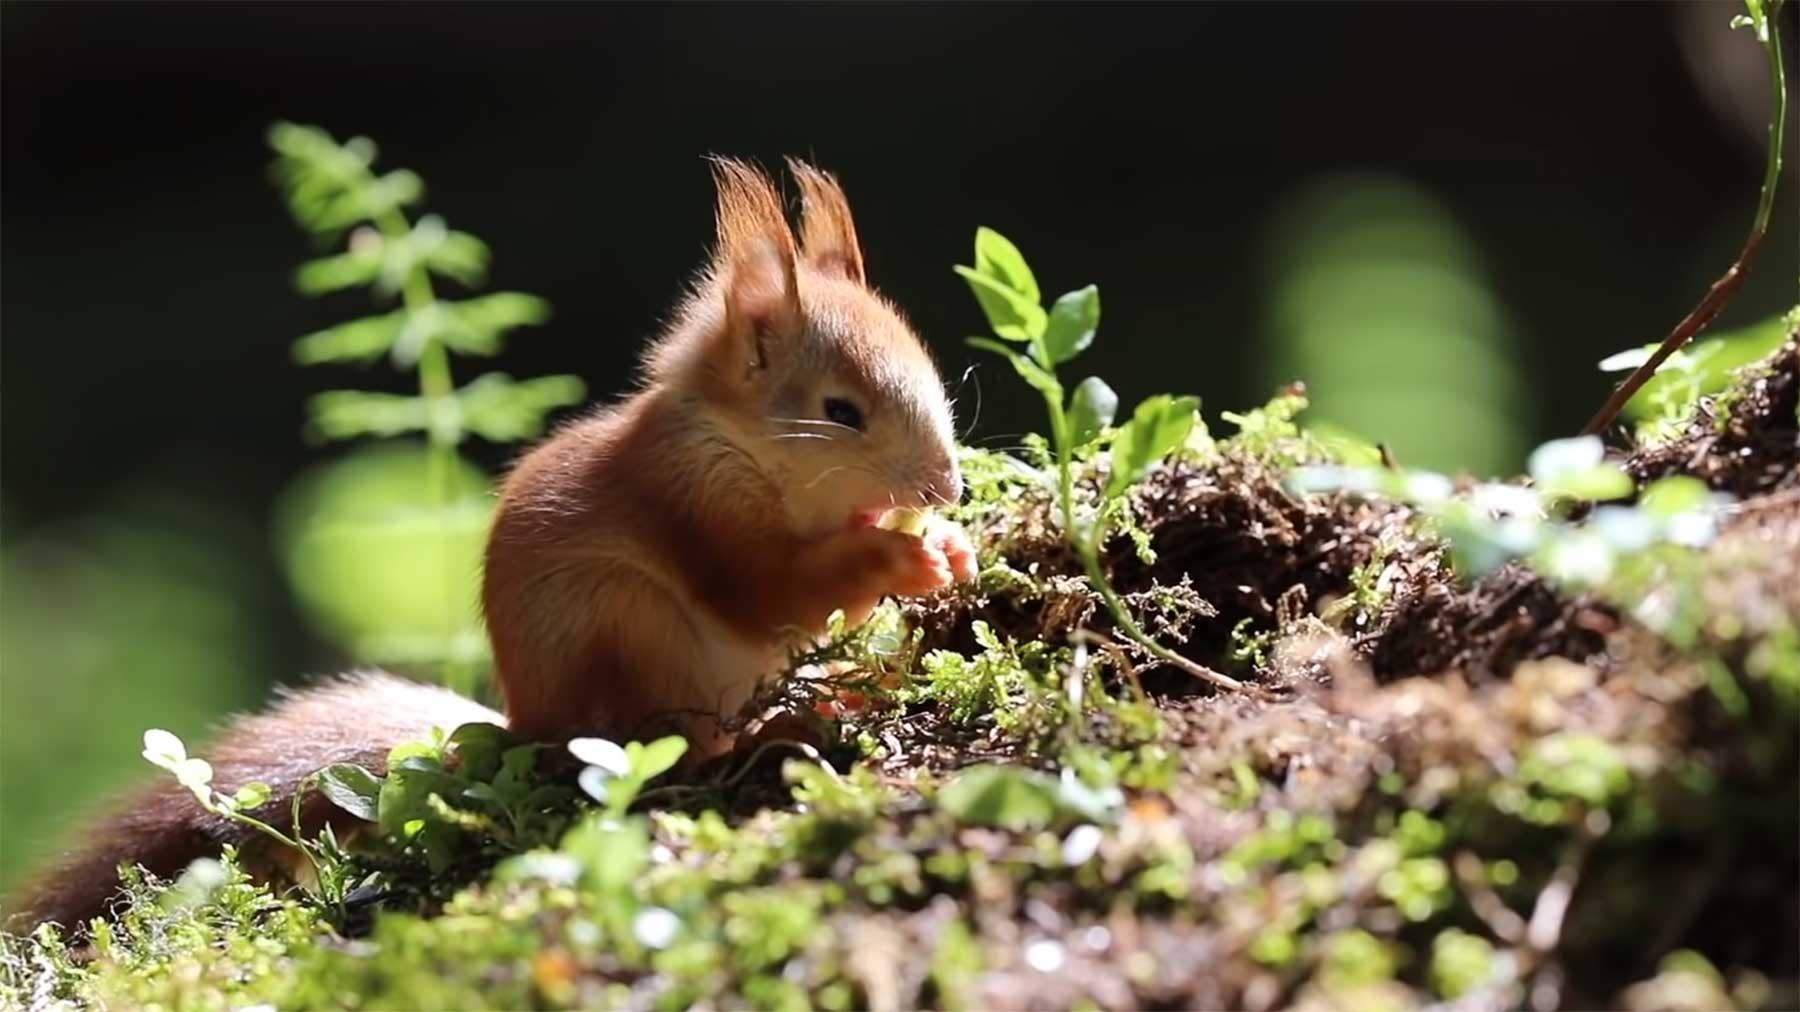 Fotografin rettet kleine Baby-Eichhörnchen